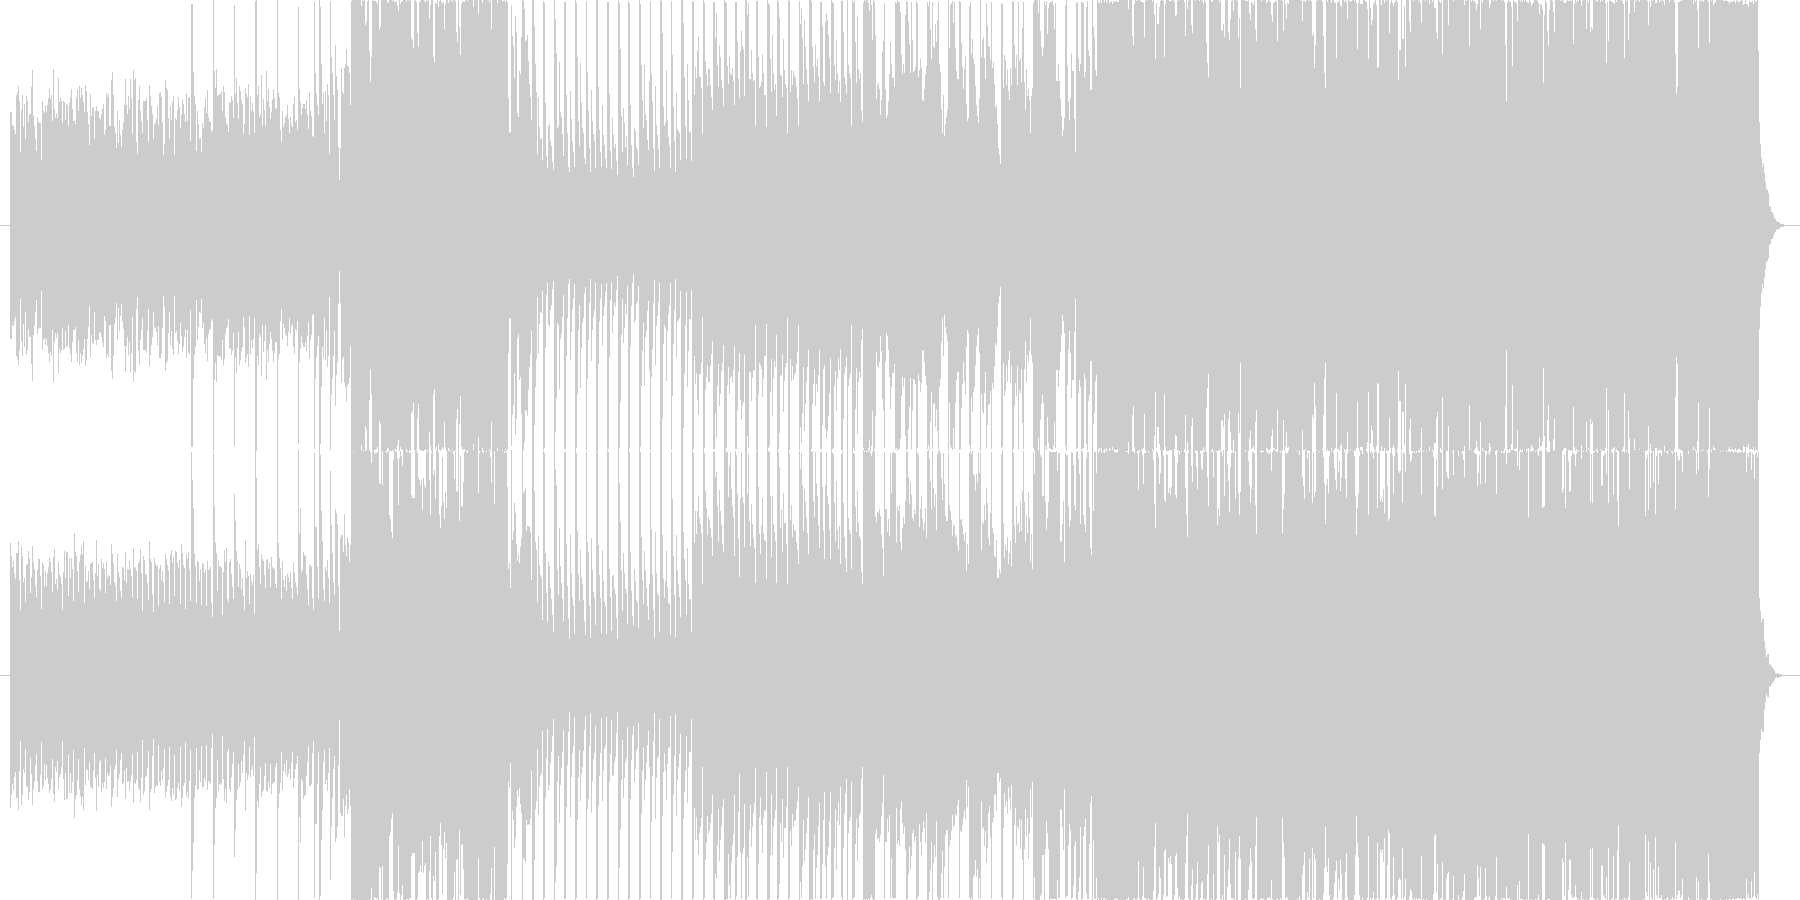 明るくせつないエレクトロダンスEDMの未再生の波形